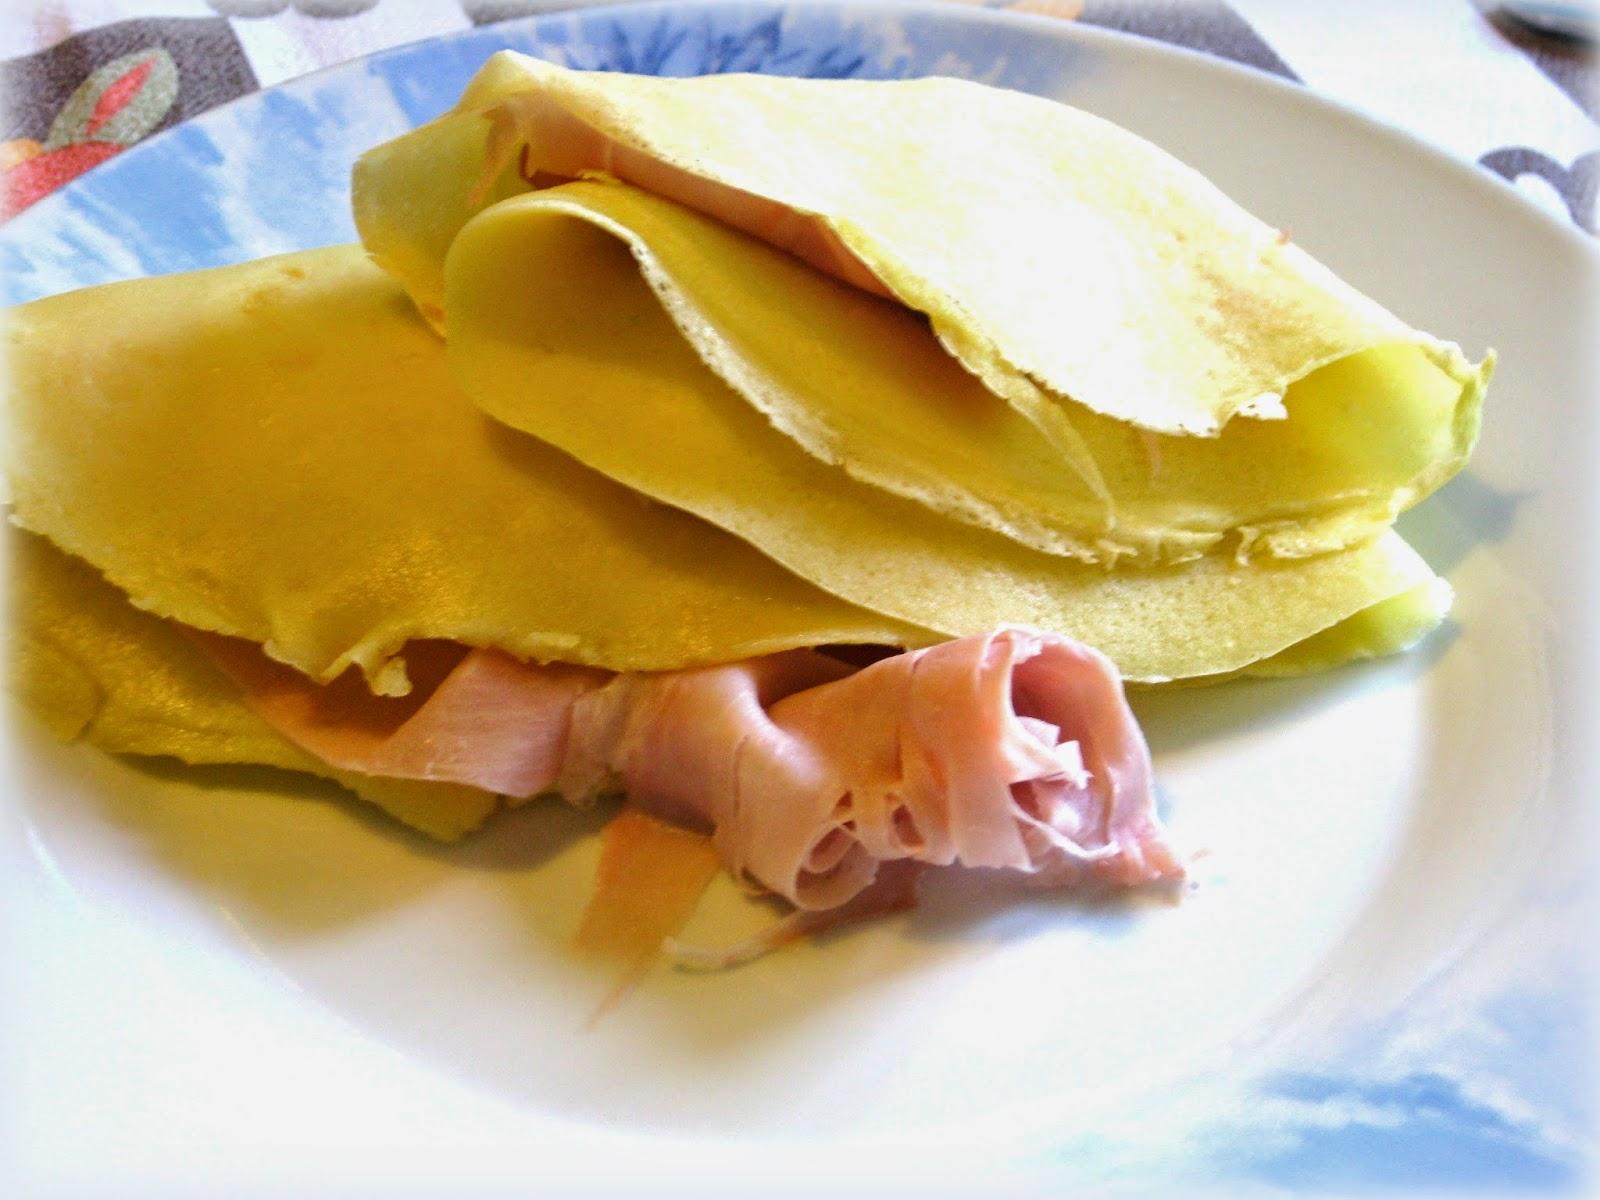 La ricetta delle Crepes con Prosciutto e Stracchino è perfetta per un pranzo veloce ma pieno di energia.